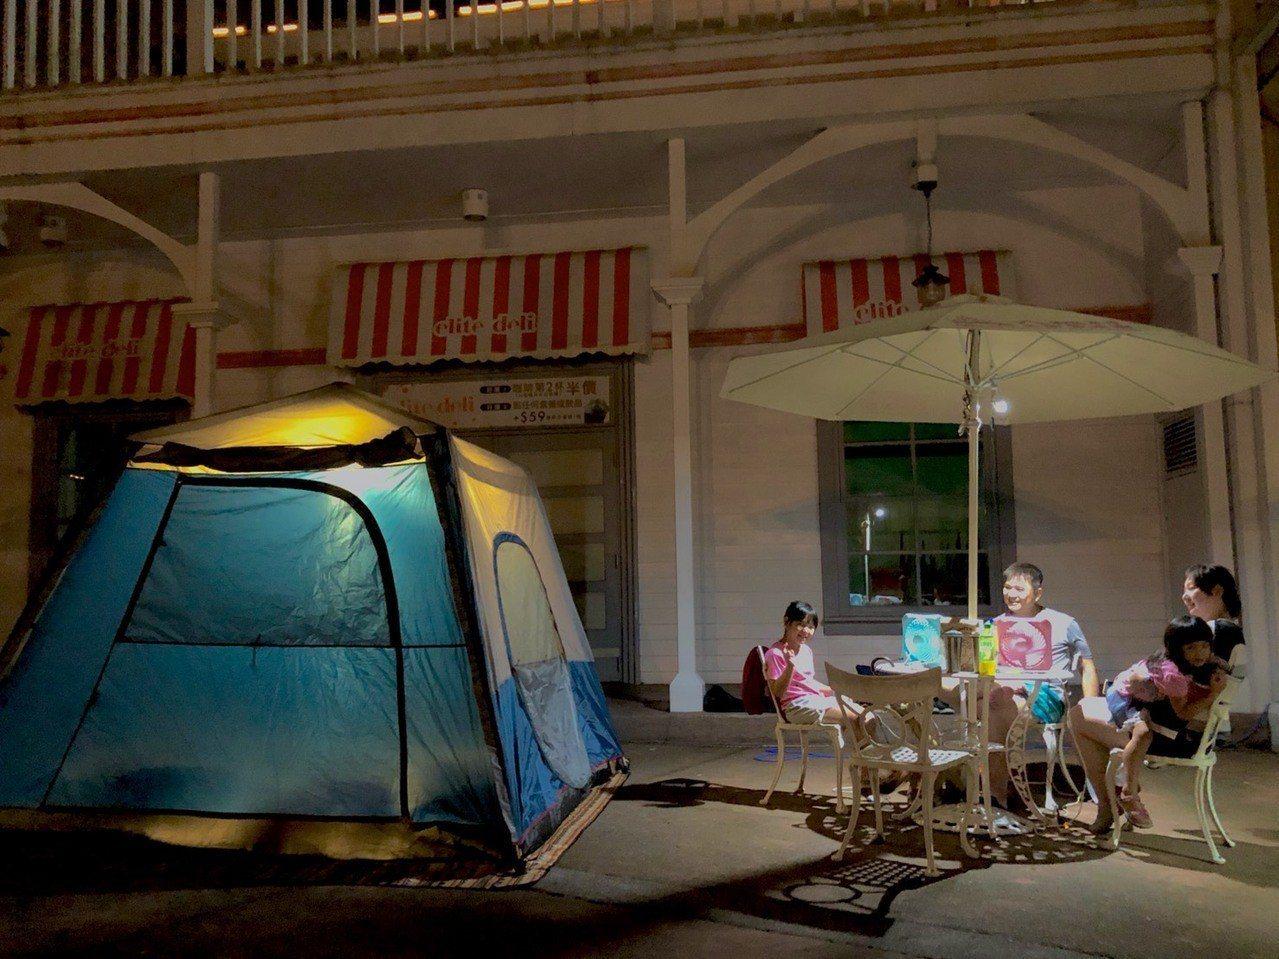 六福村樂園露營以「霓虹」為主題安排炫目又奇幻的系列活動,在點點星空下的霓虹螢光。...